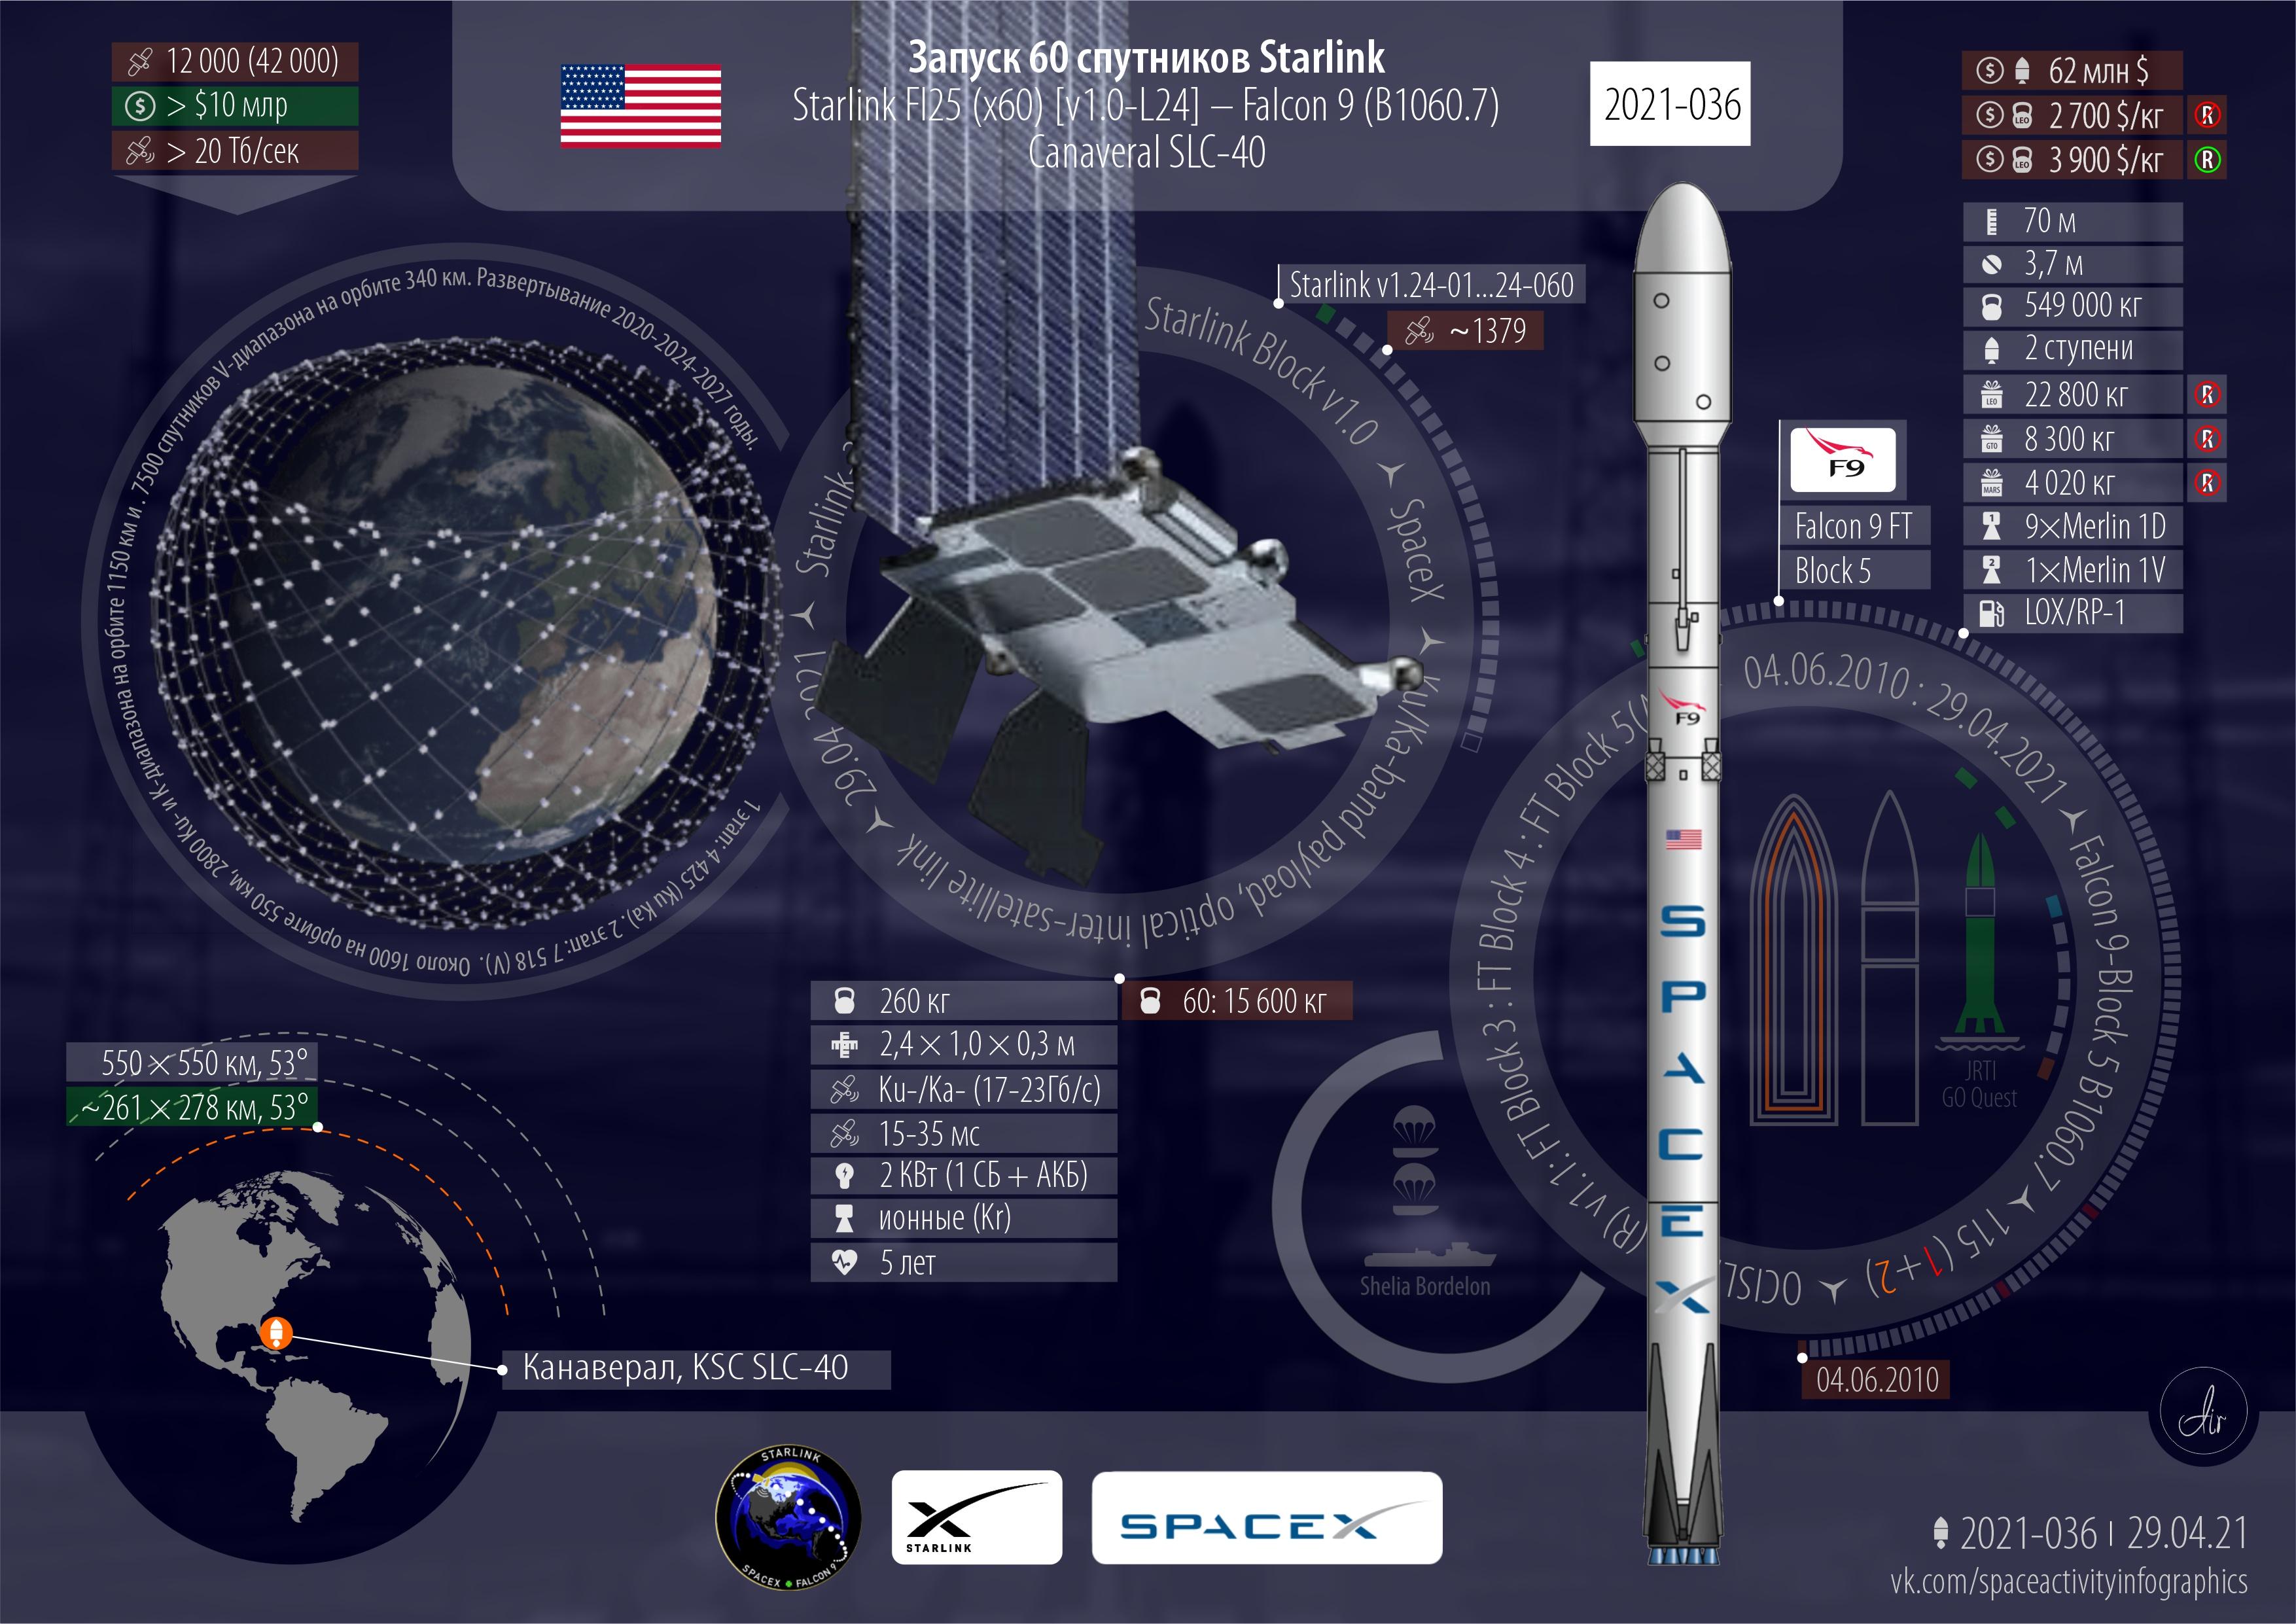 Инфографика текущей миссии Starlink L24